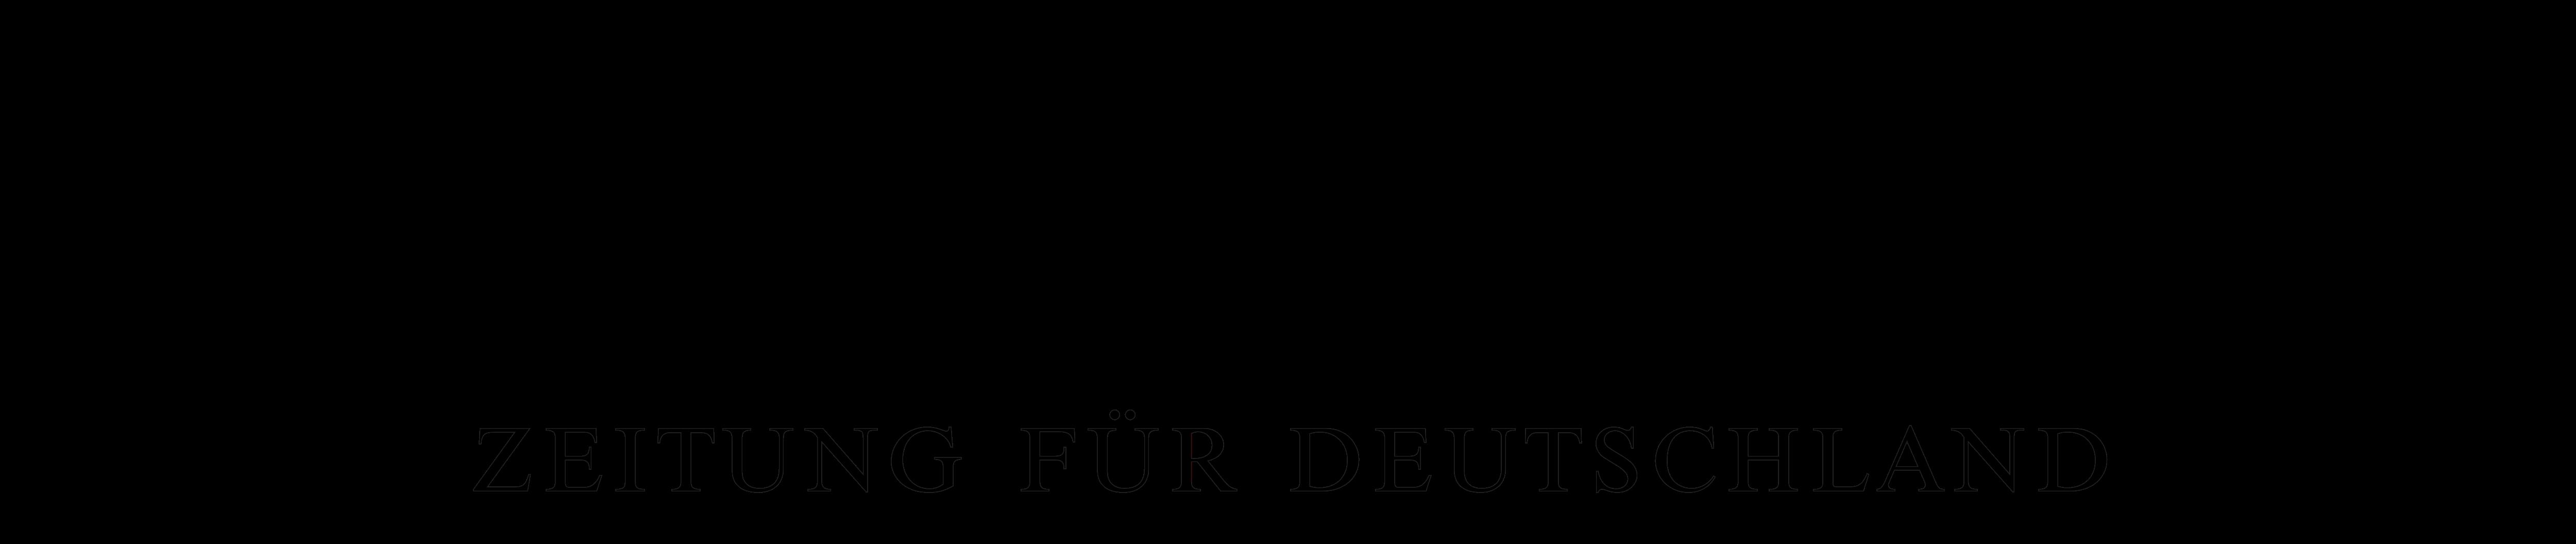 FAZ_Frankfurter_Allgemeine_Zeitung_logo